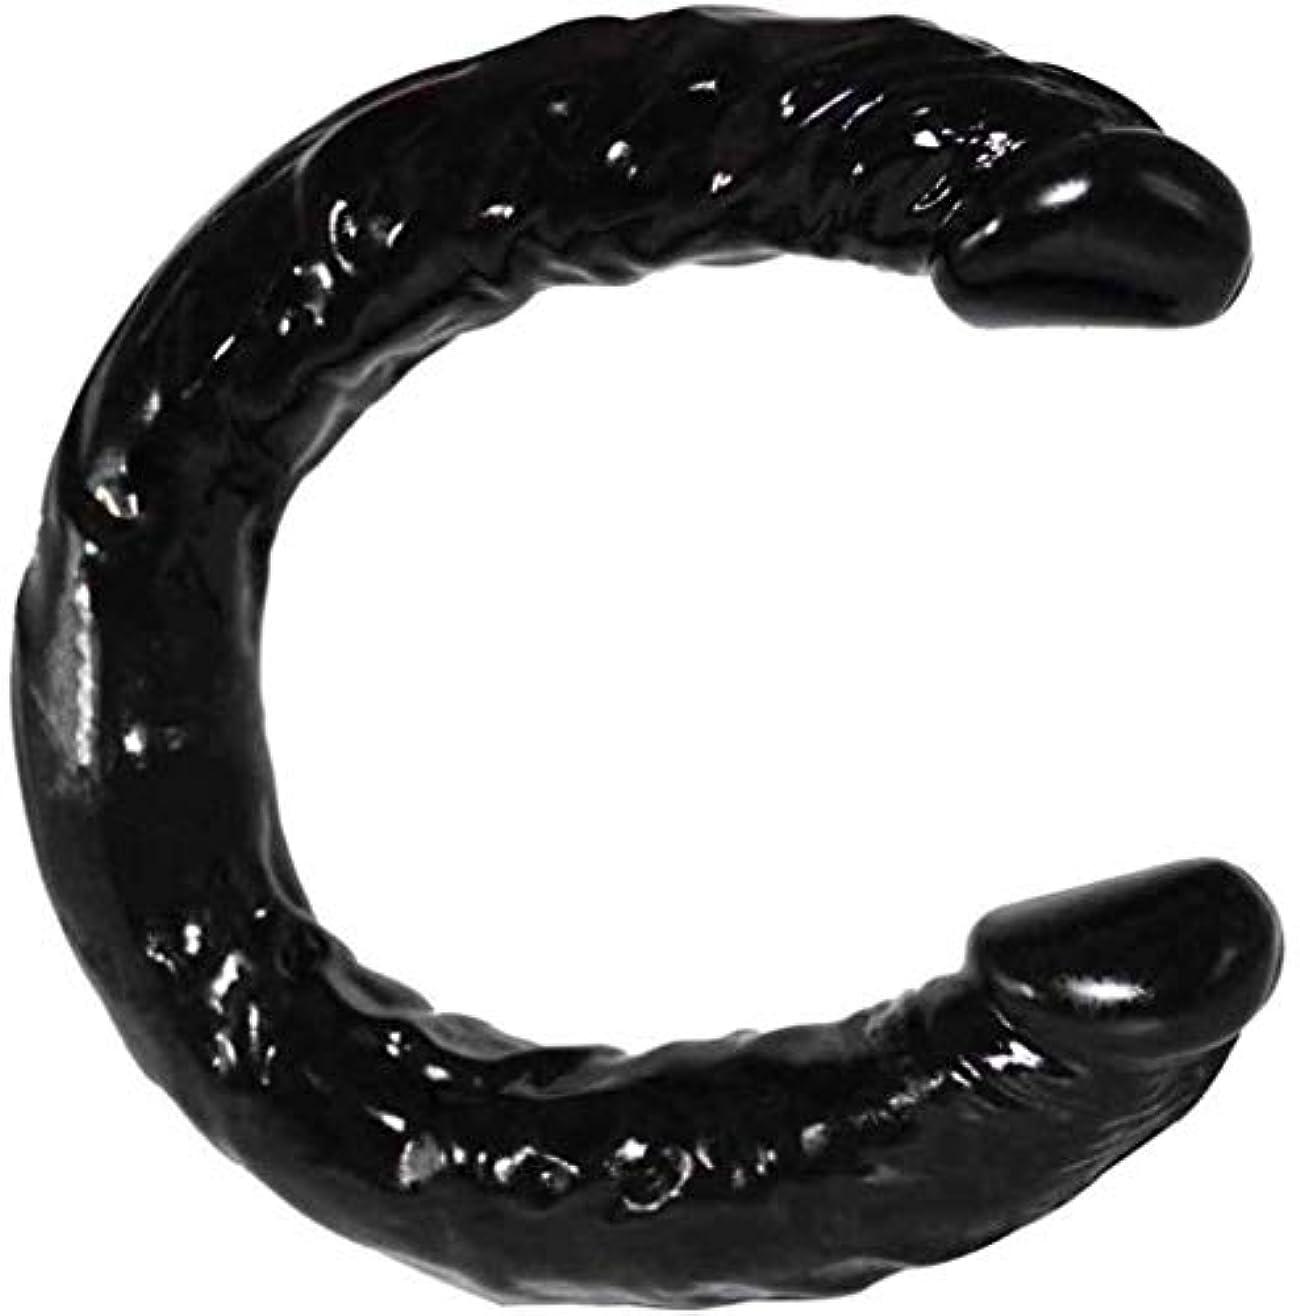 祖先コーヒー他にハンドヘルドポータブル模擬玩具柔軟な振動が大型玩具ブラックカラーPVC素材をスラスト